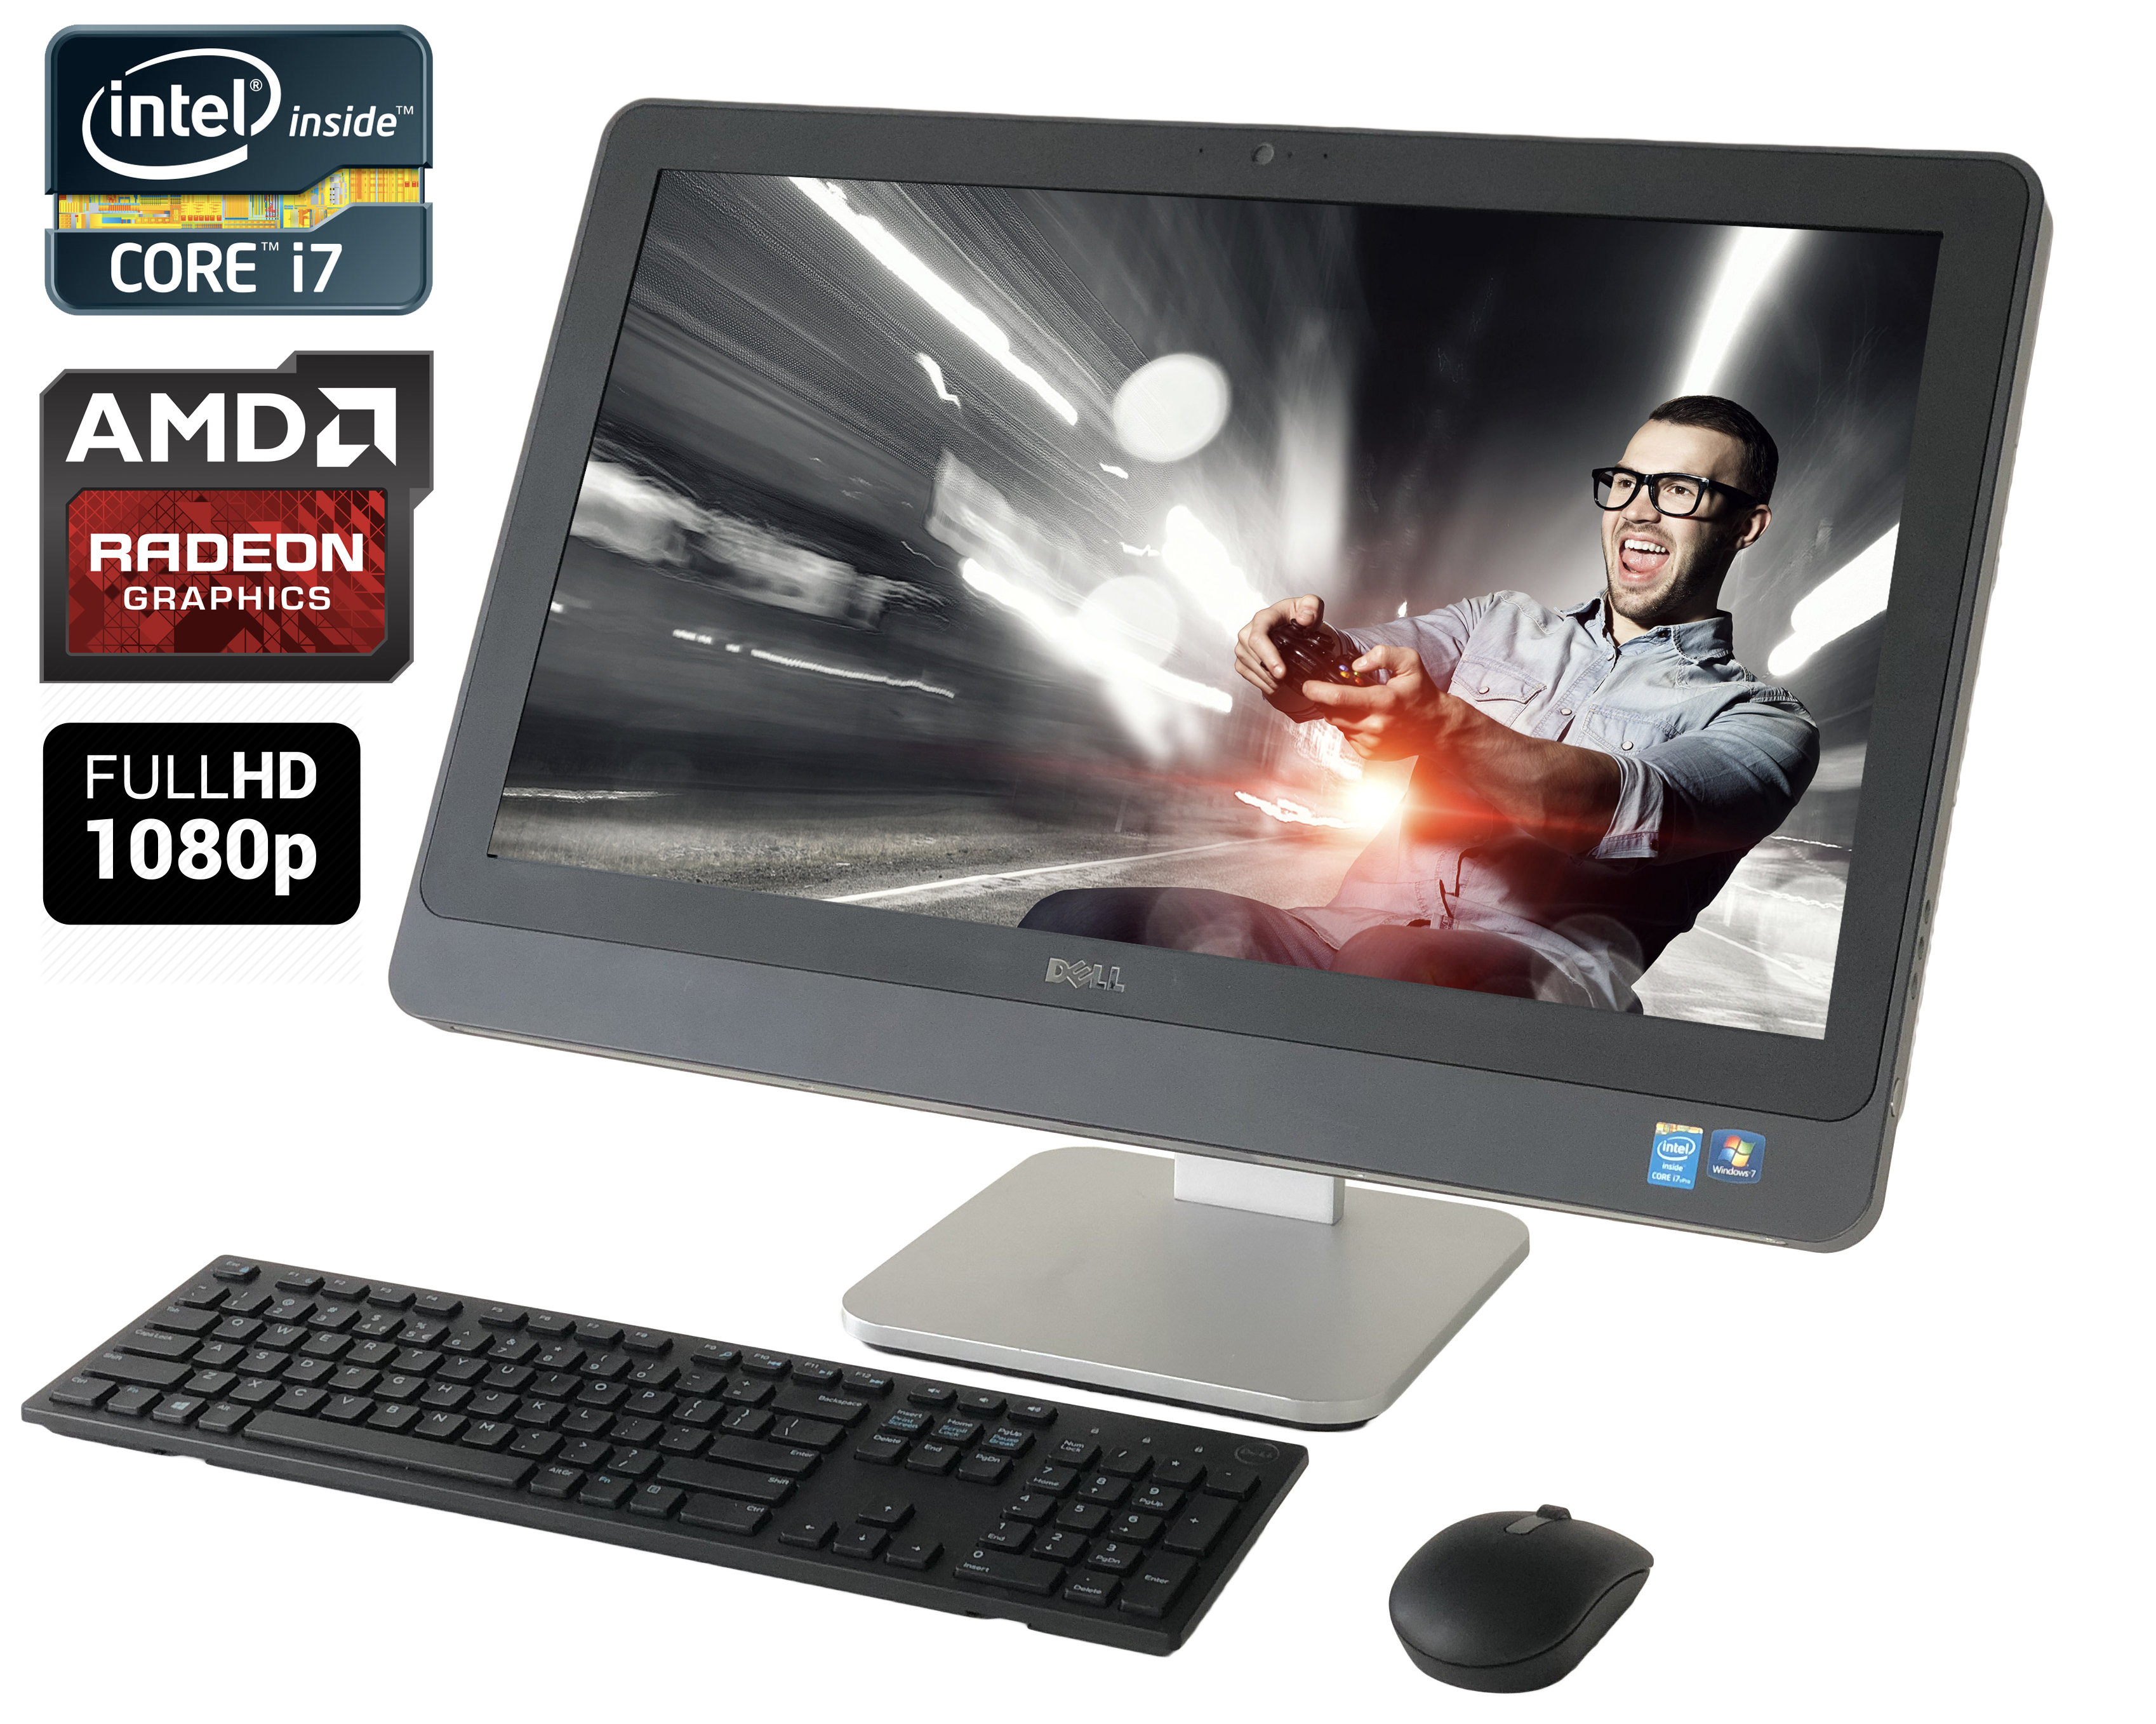 Dell AIO 9020 Radeon